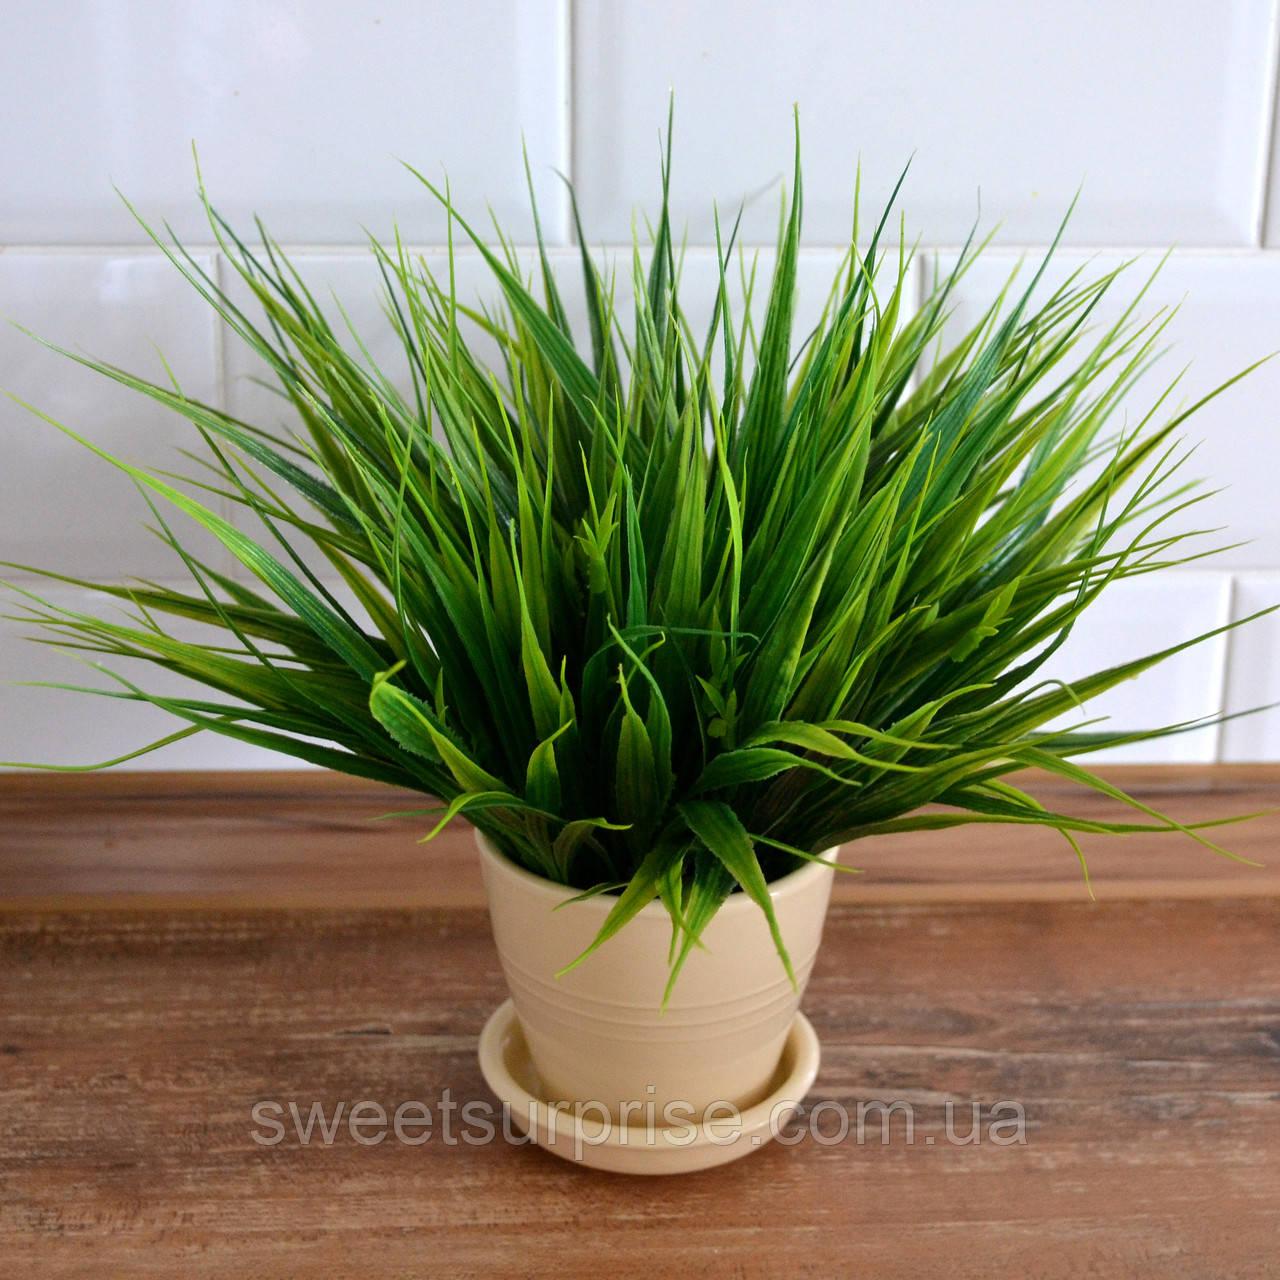 Декоративная трава в горшке для офиса